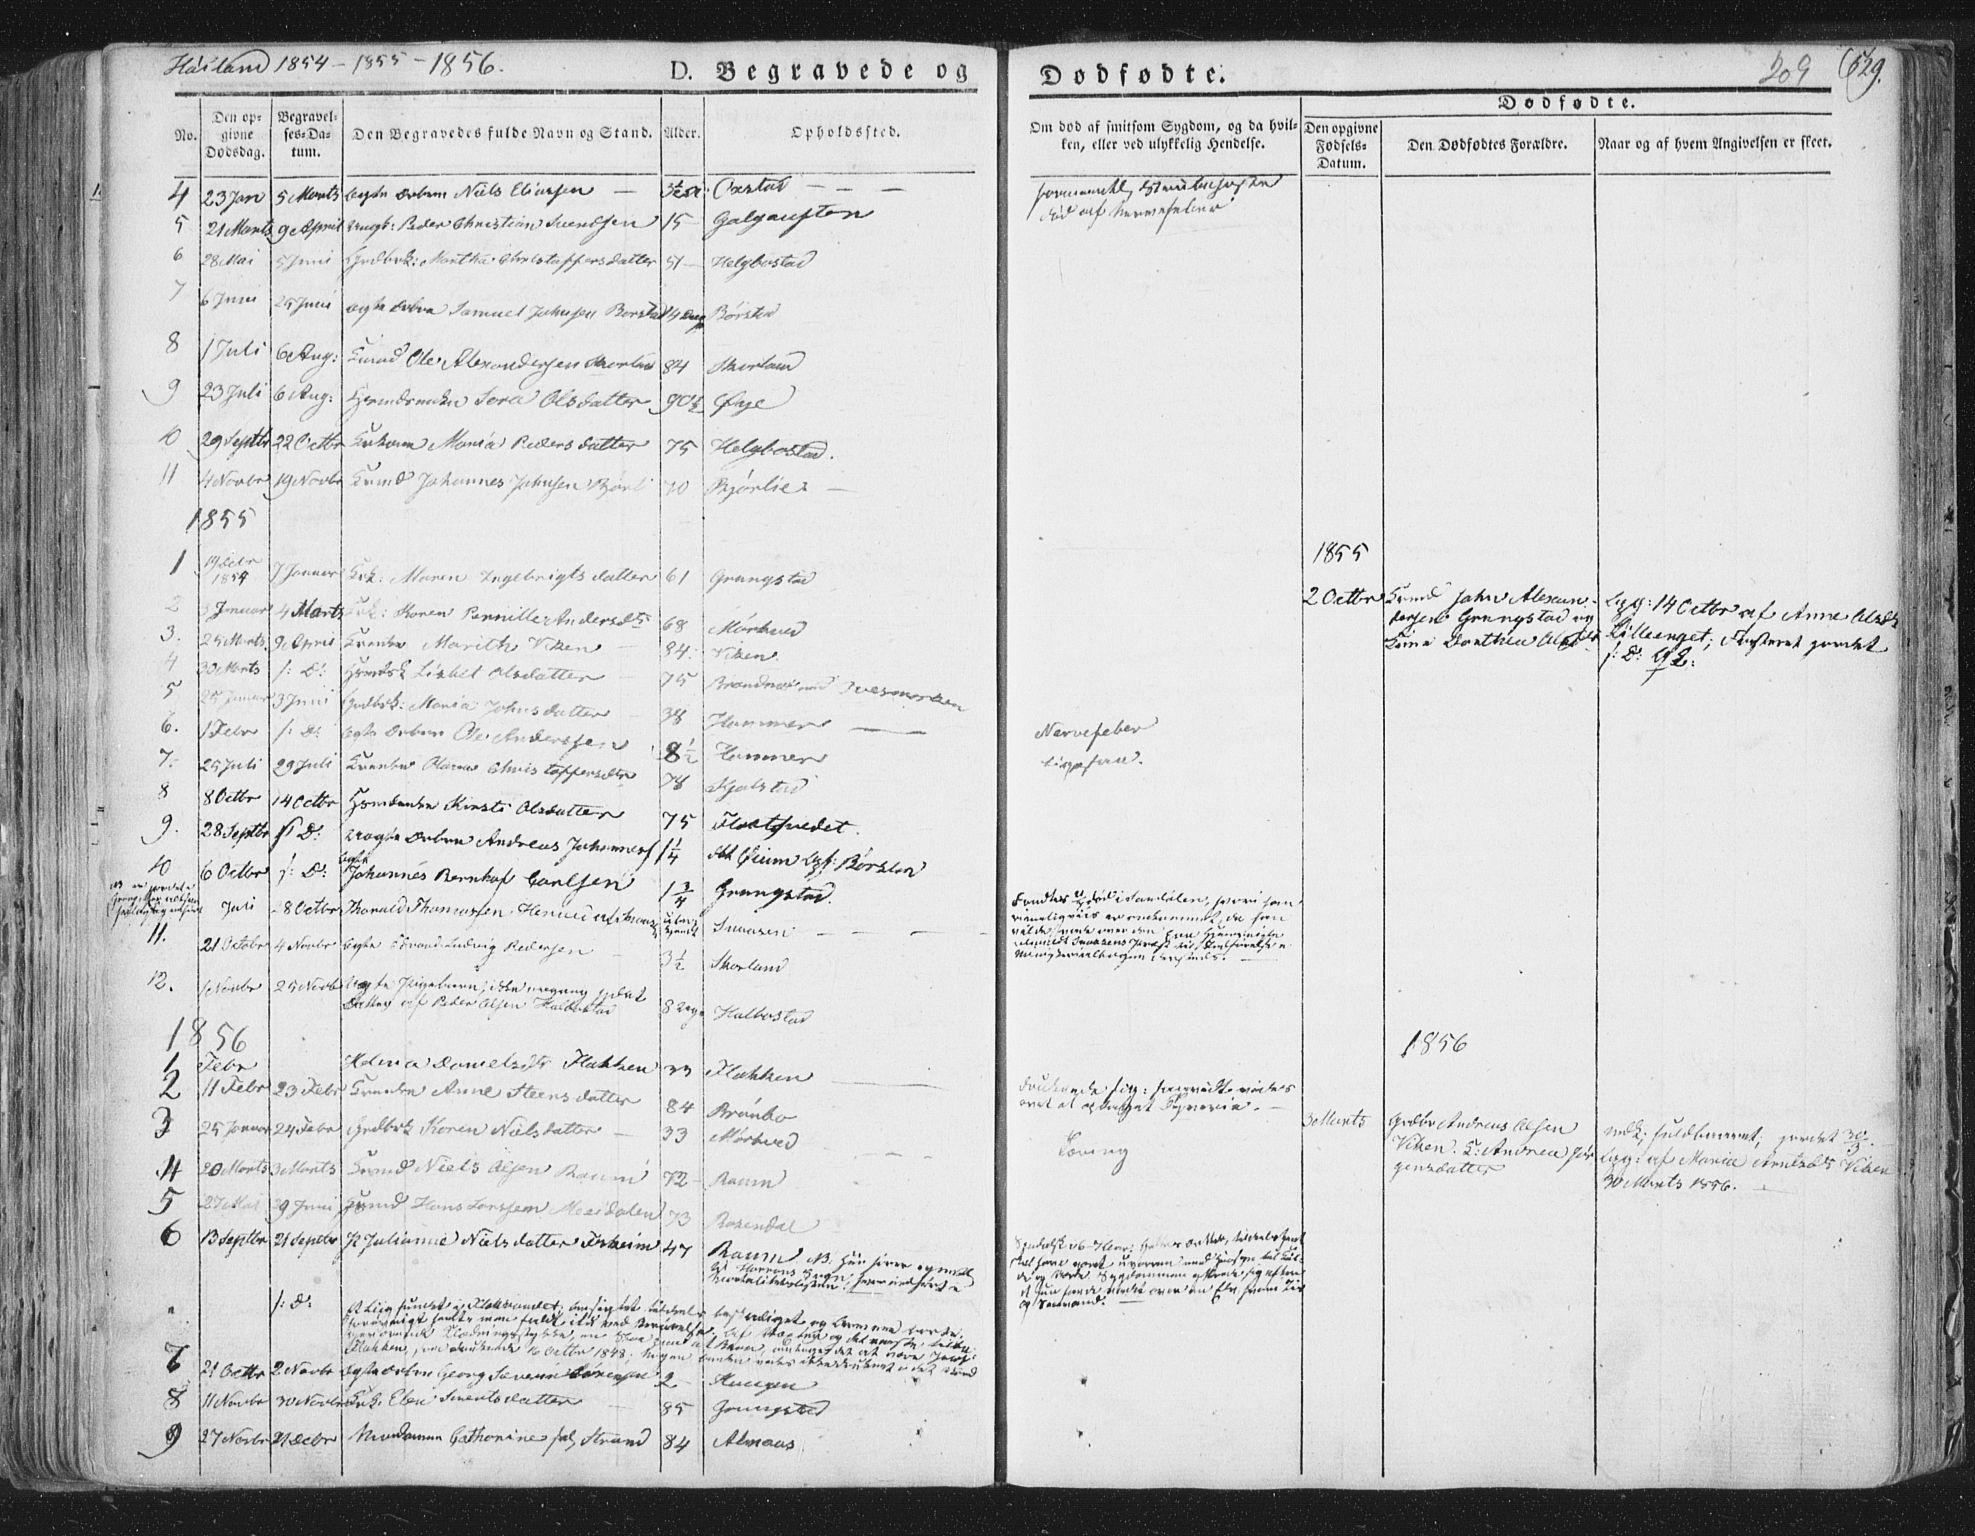 SAT, Ministerialprotokoller, klokkerbøker og fødselsregistre - Nord-Trøndelag, 758/L0513: Ministerialbok nr. 758A02 /2, 1839-1868, s. 209